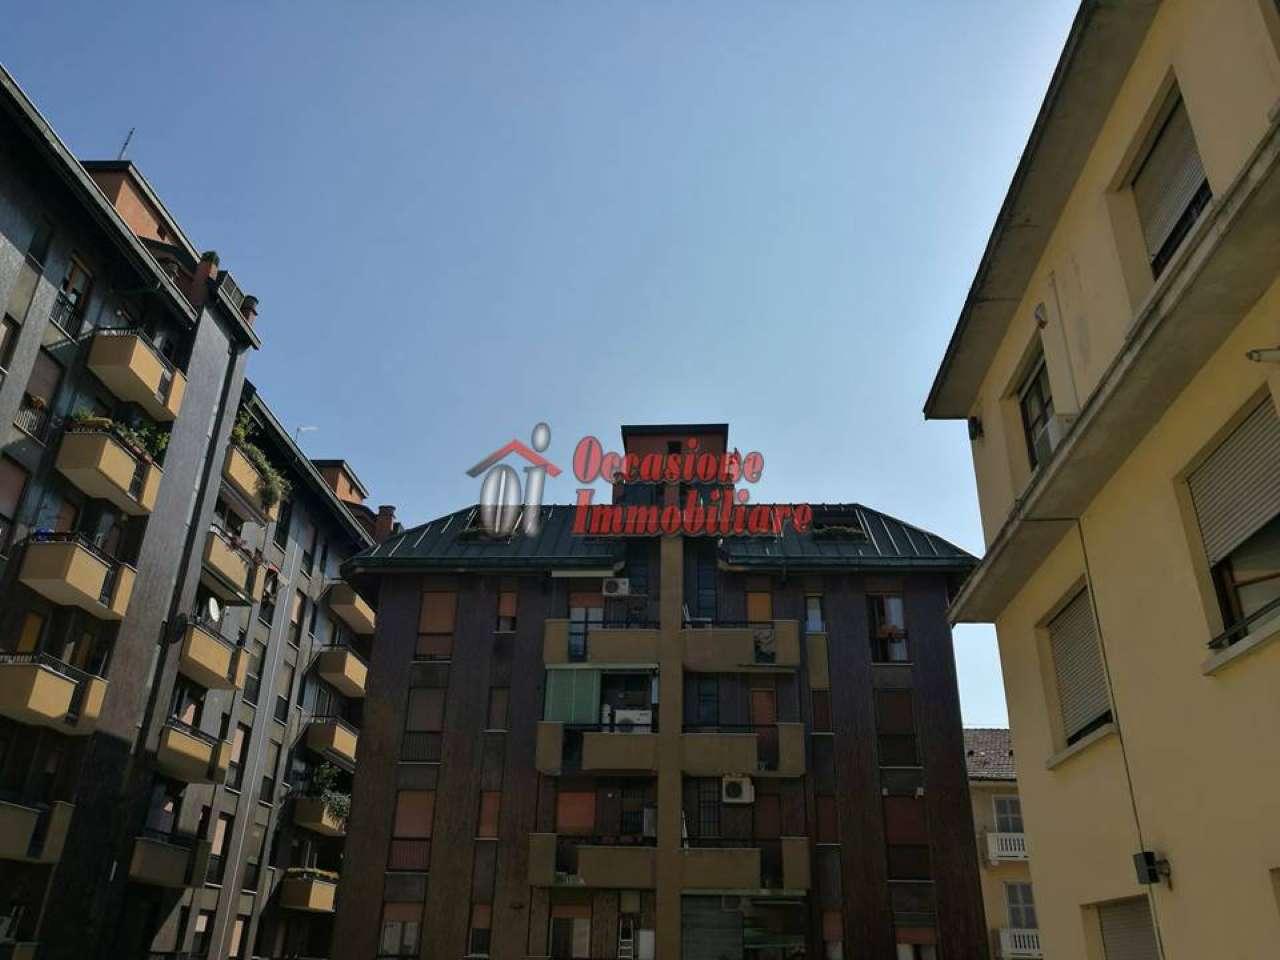 Appartamento in affitto a Milano, 1 locali, zona Zona: 8 . Bocconi, C.so Italia, Ticinese, Bligny, prezzo € 600 | CambioCasa.it